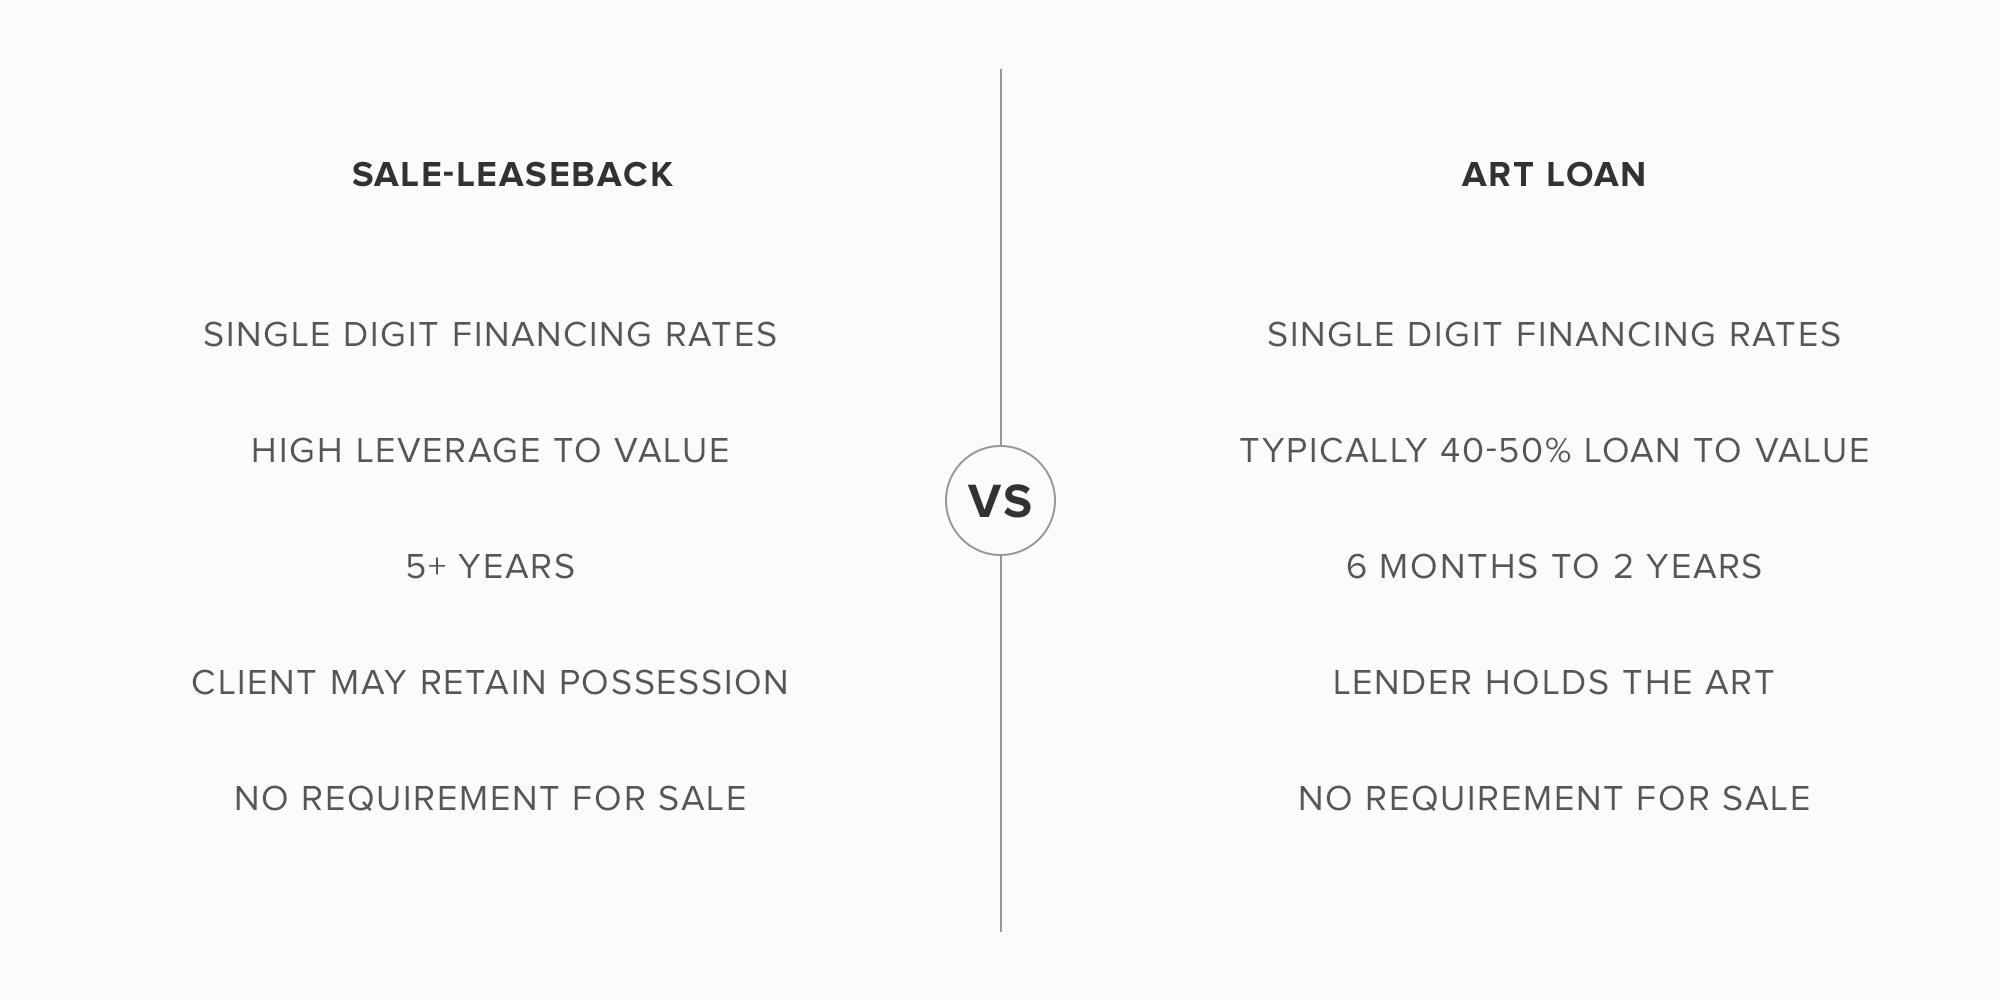 AM-versus-saleleaseback.jpg